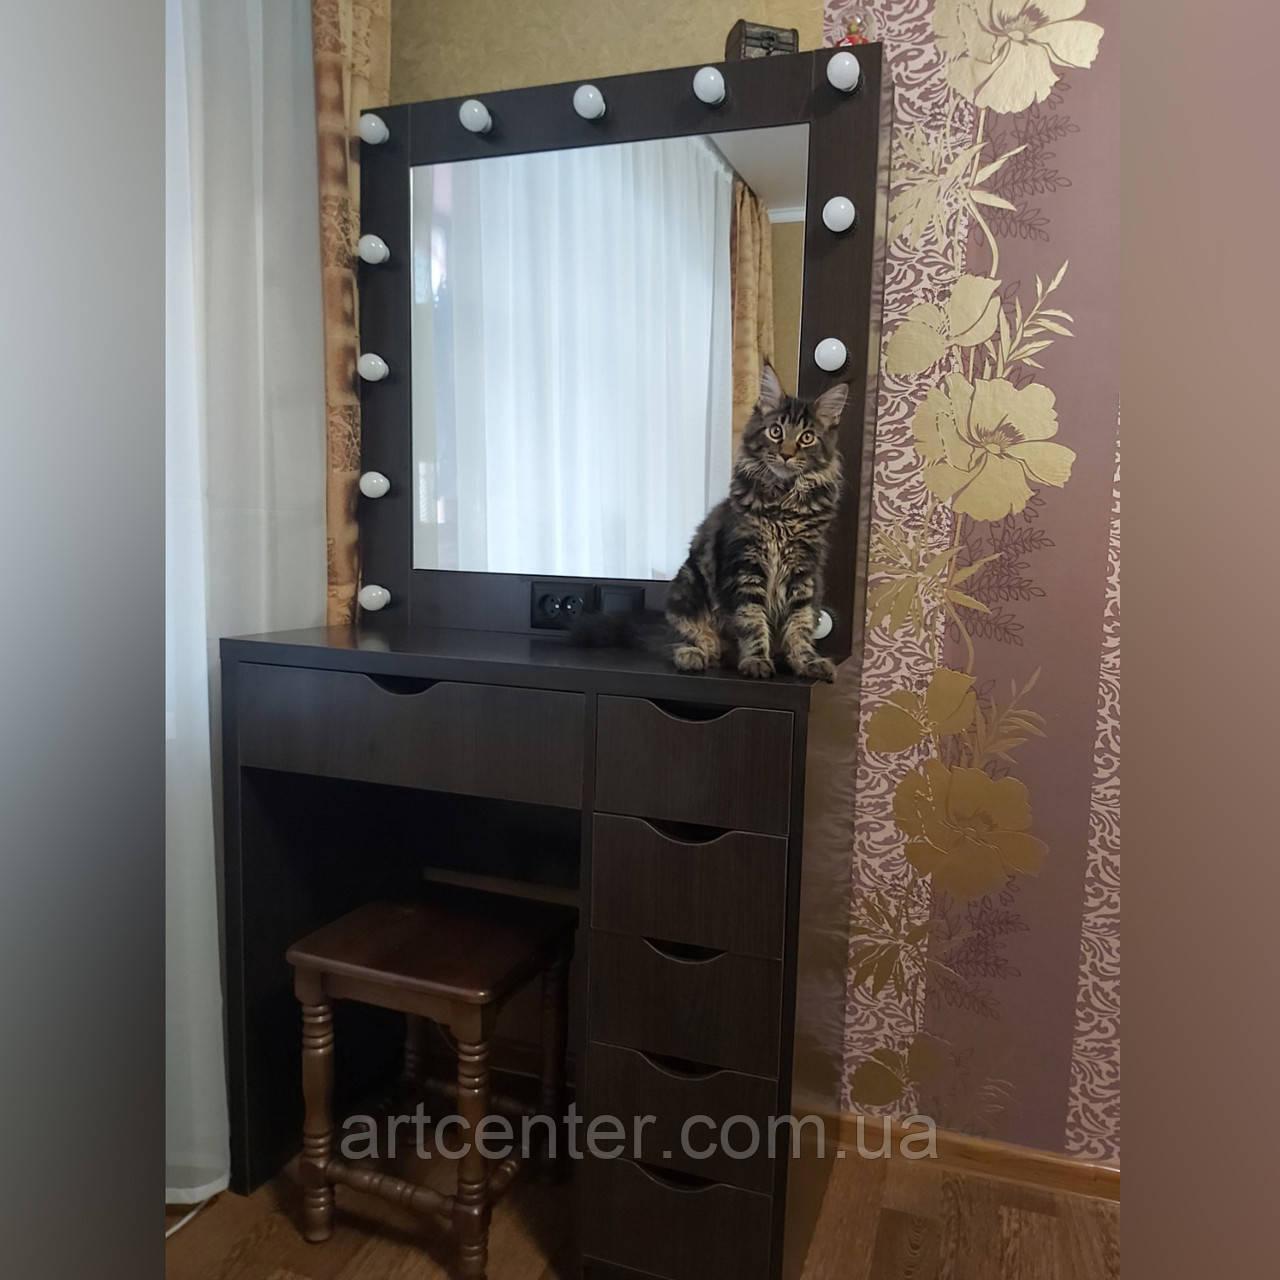 Стола для макияжа, визажный стол с ящиками, зеркало с подсветкой открывается